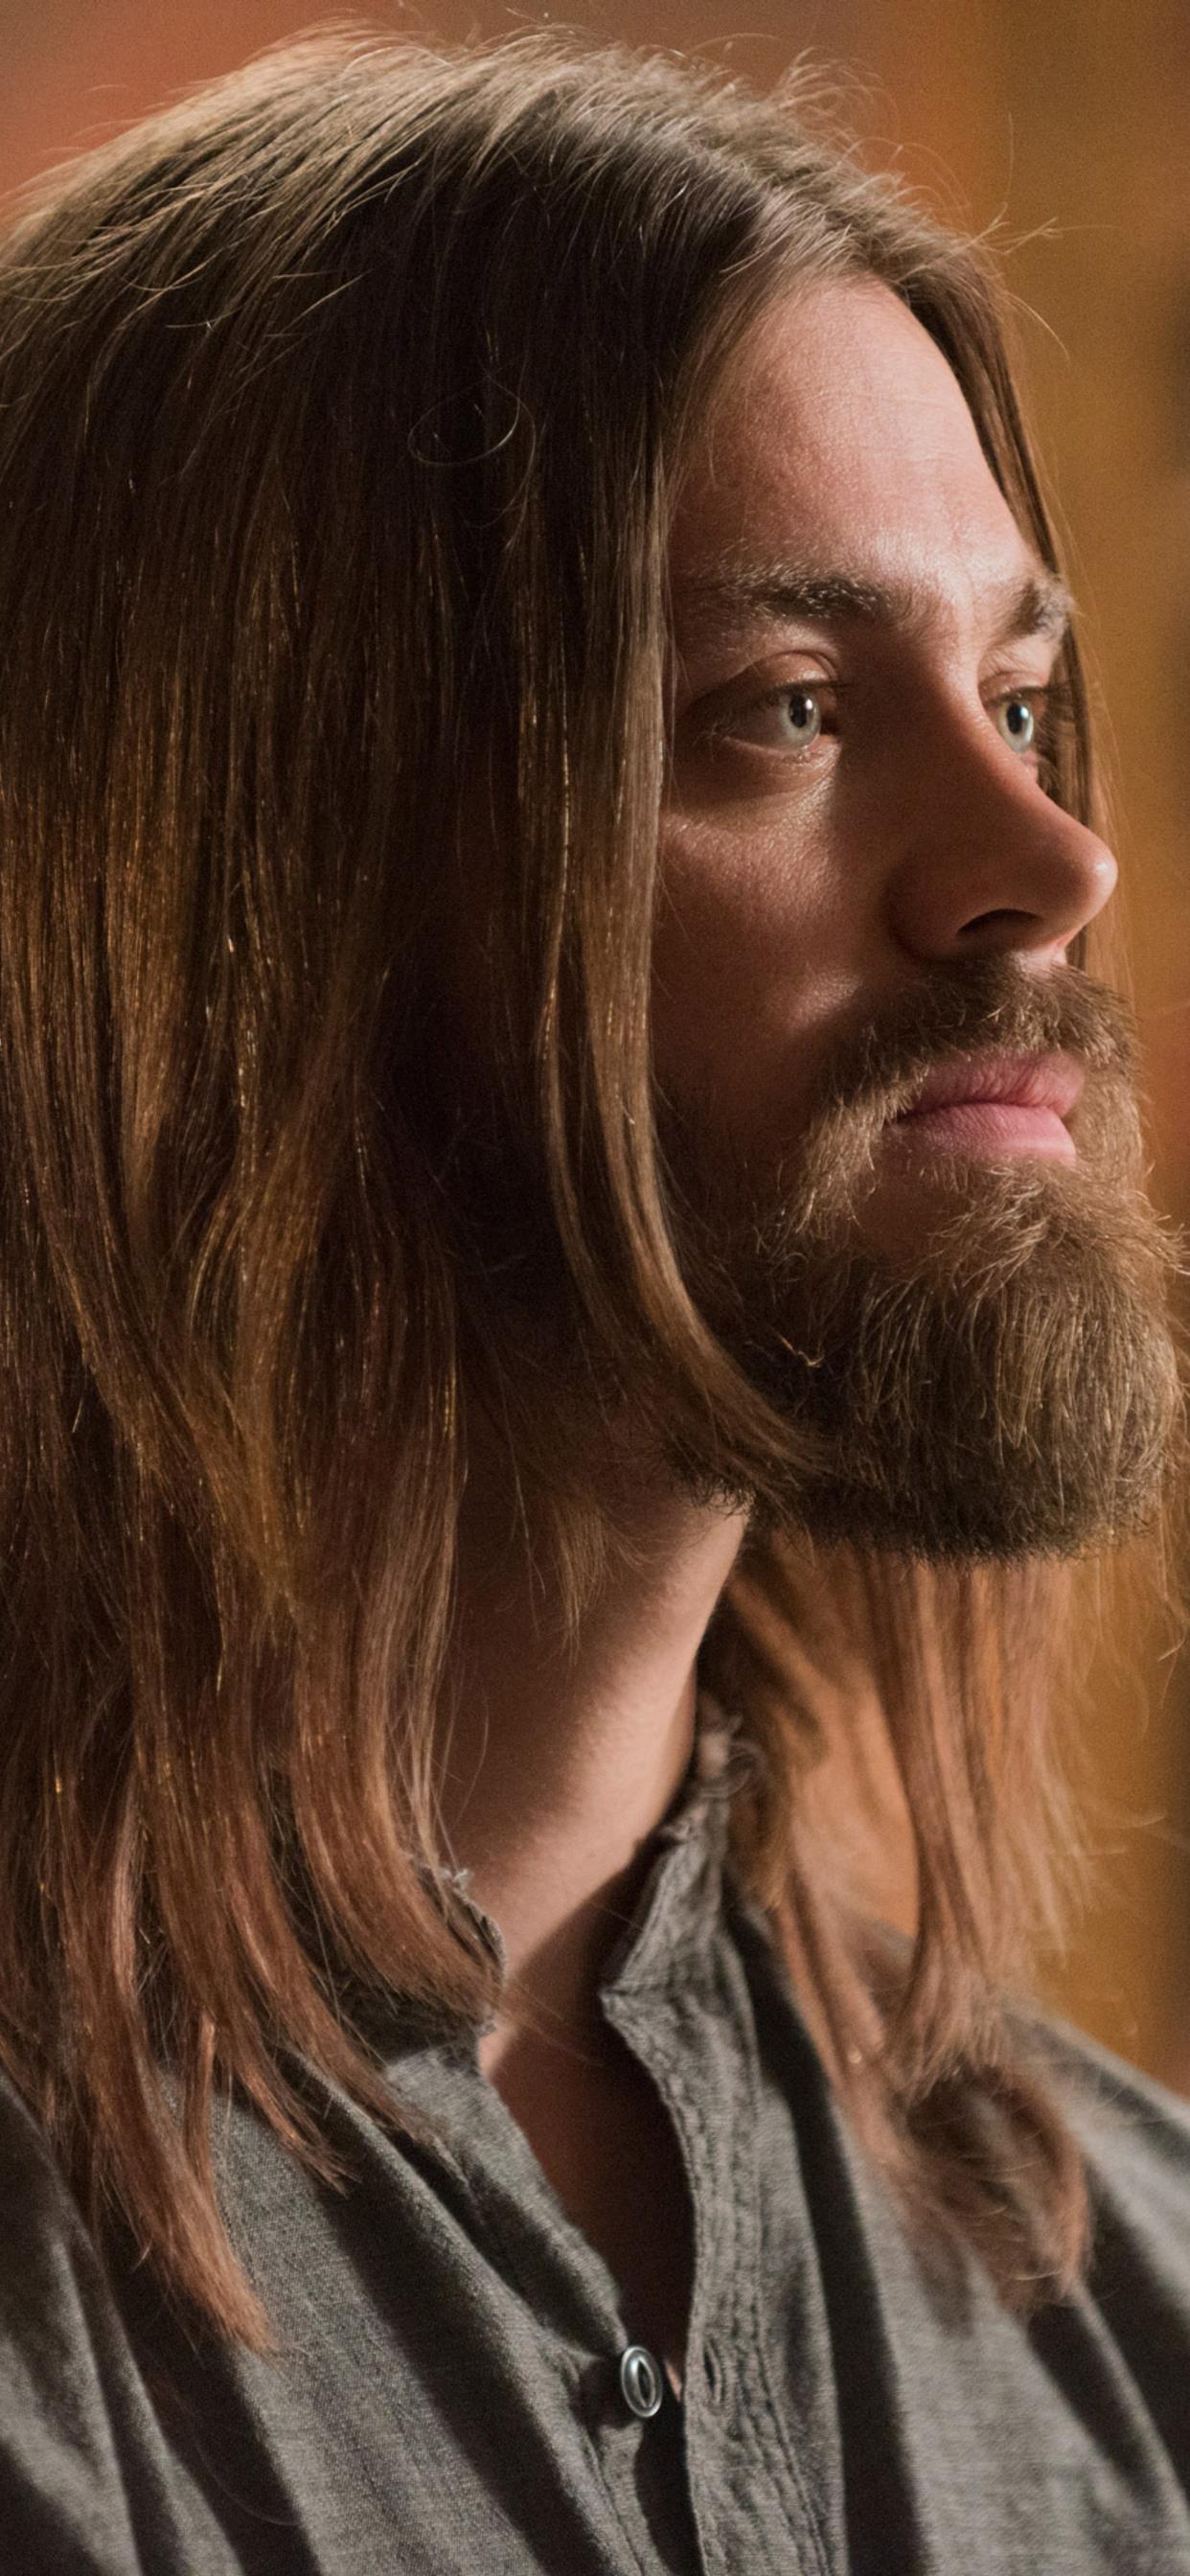 1242x2688 Jesus In The Walking Dead Season 8 Iphone Xs Max Hd 4k